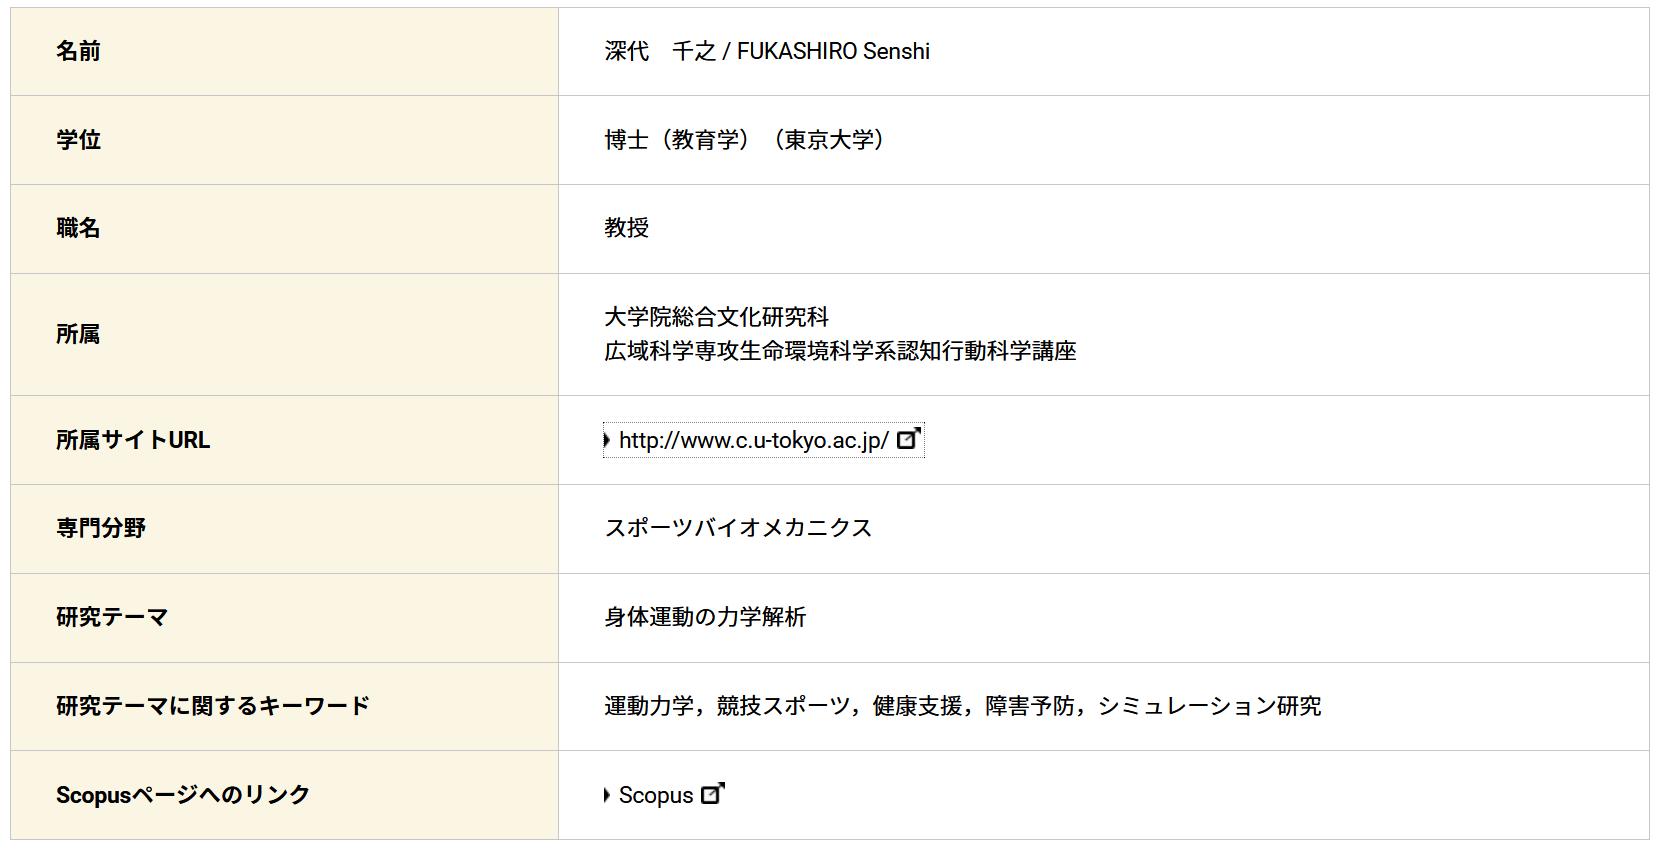 忍者ナインを監修されている深代 千之さんが東京大学のホームページで紹介されている画像